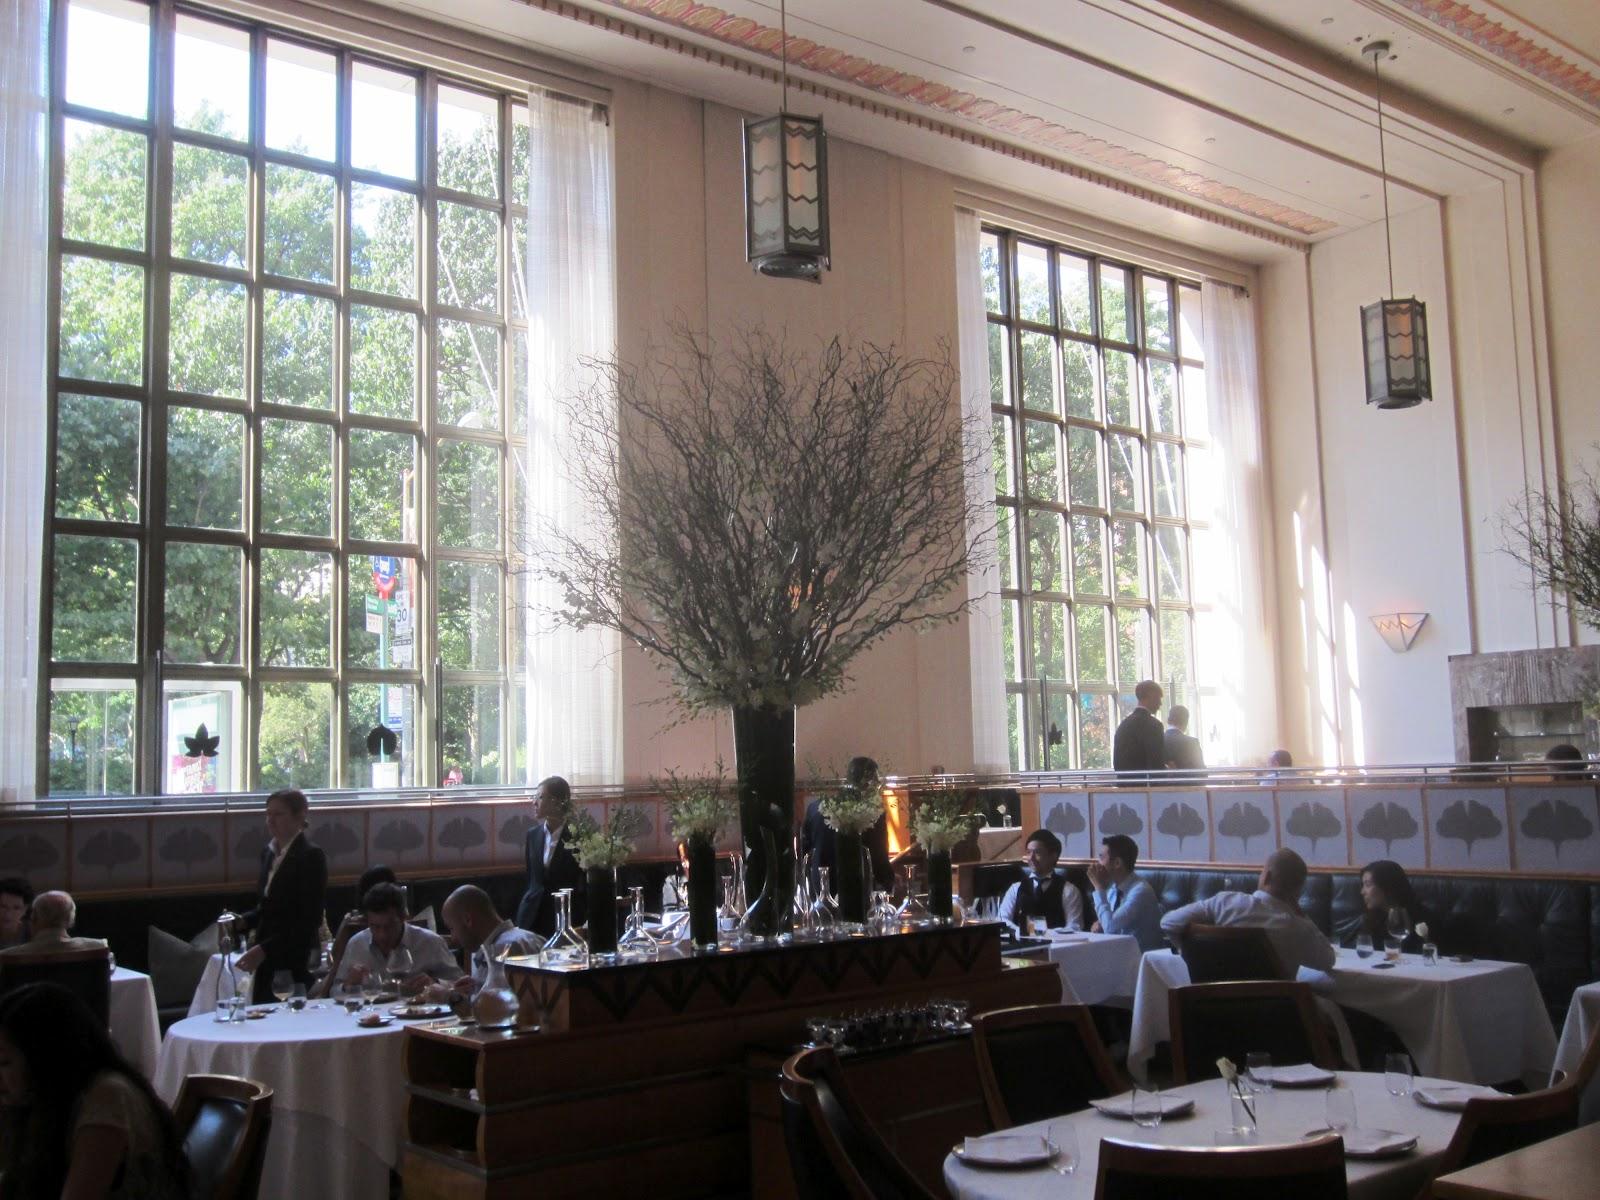 TOP 10 BestLooking Restaurants in New York New York Design Agenda